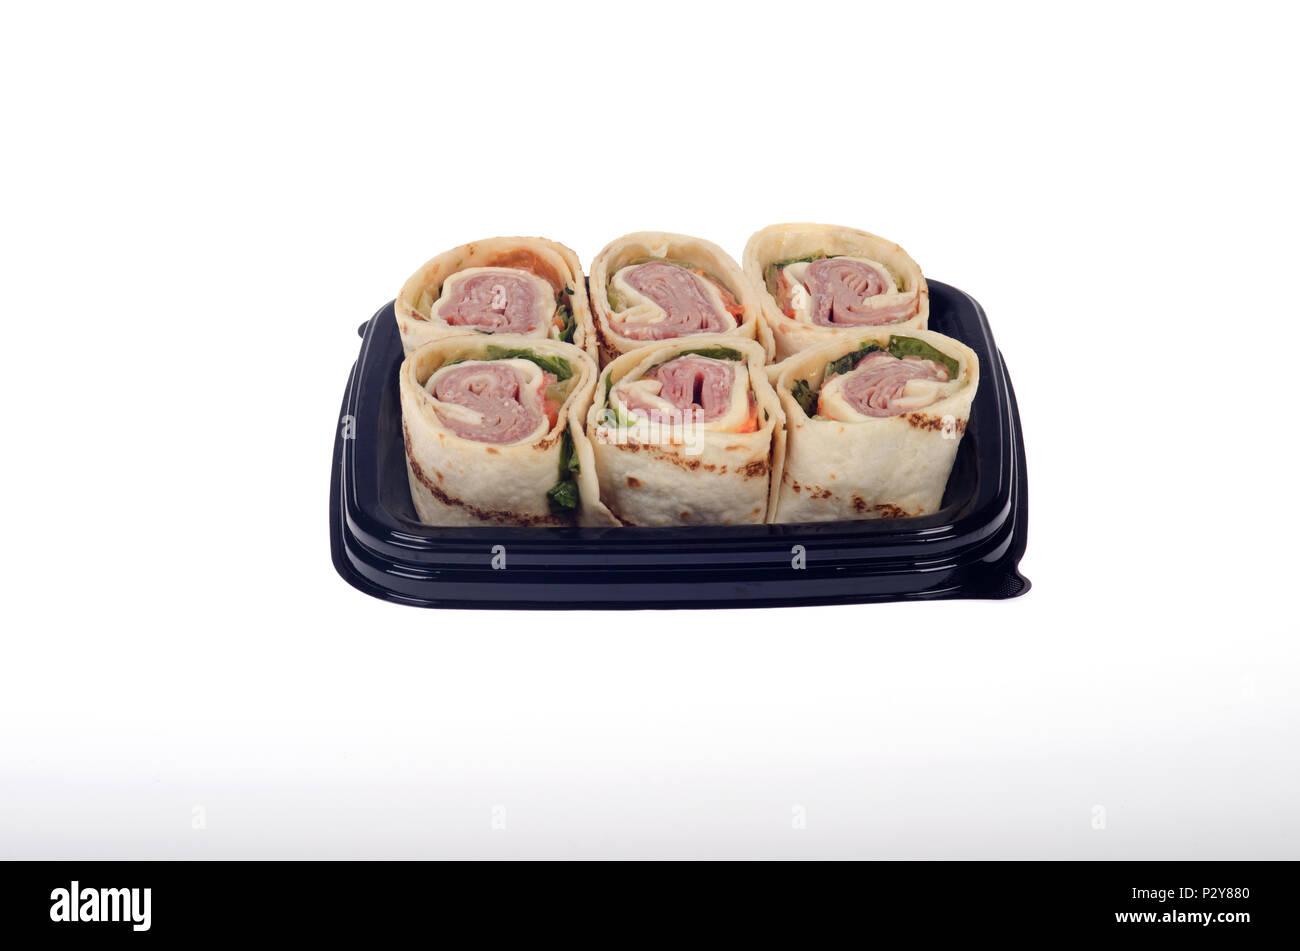 Vassoio di takeaway girandola italian salumi deli wrap con formaggio, lattuga e pomodoro isolato su sfondo bianco Immagini Stock